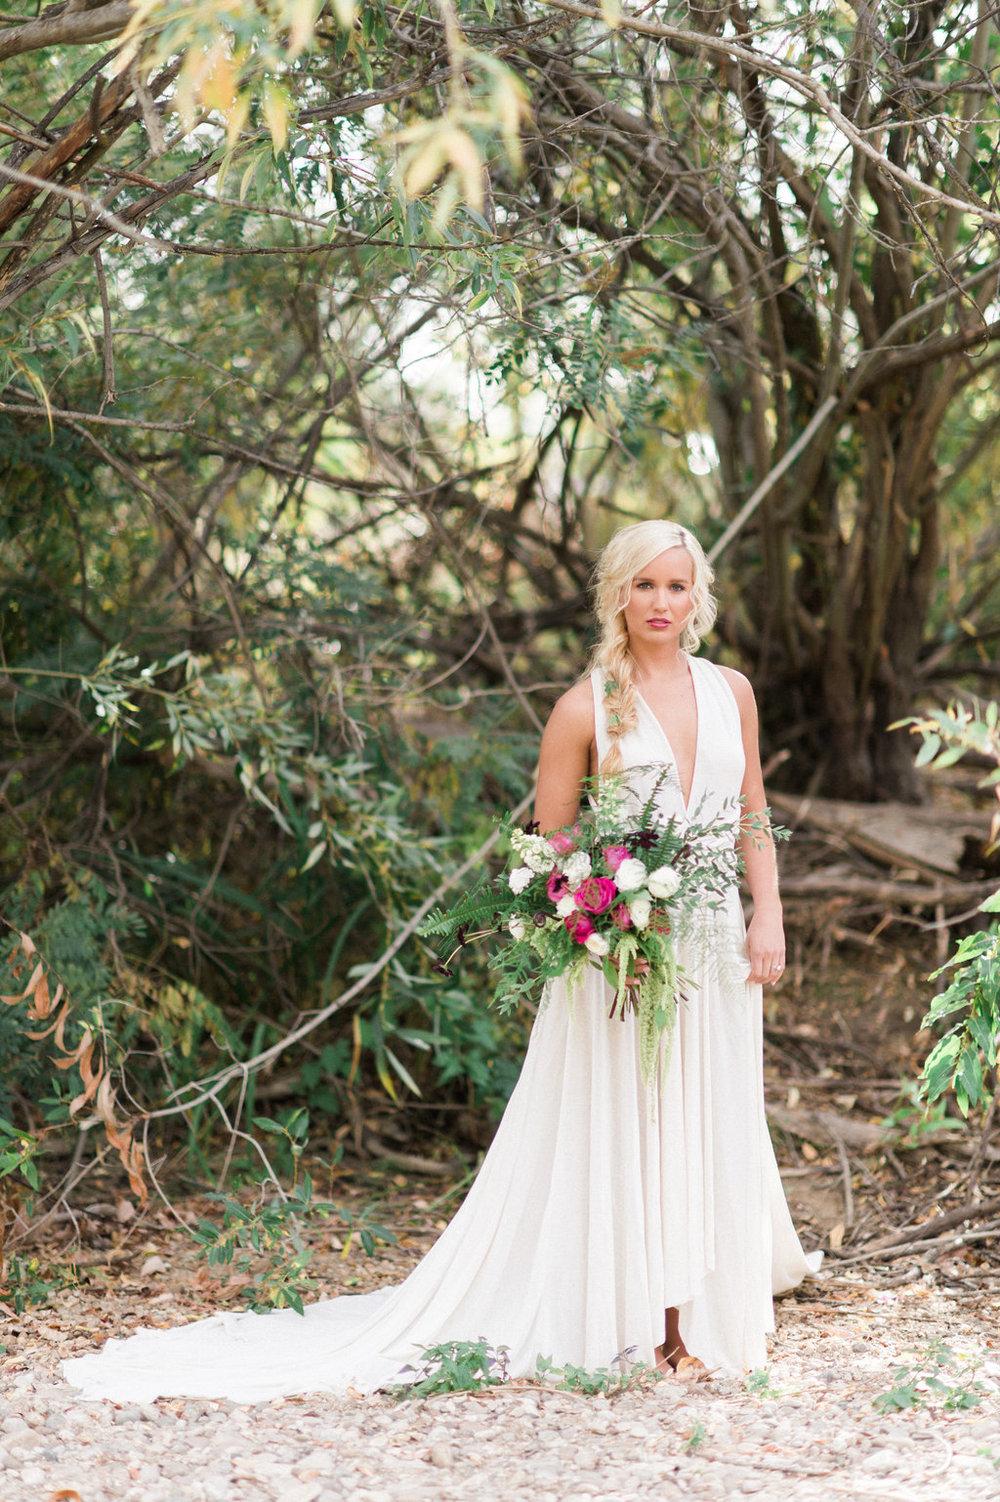 The Idaho Bride